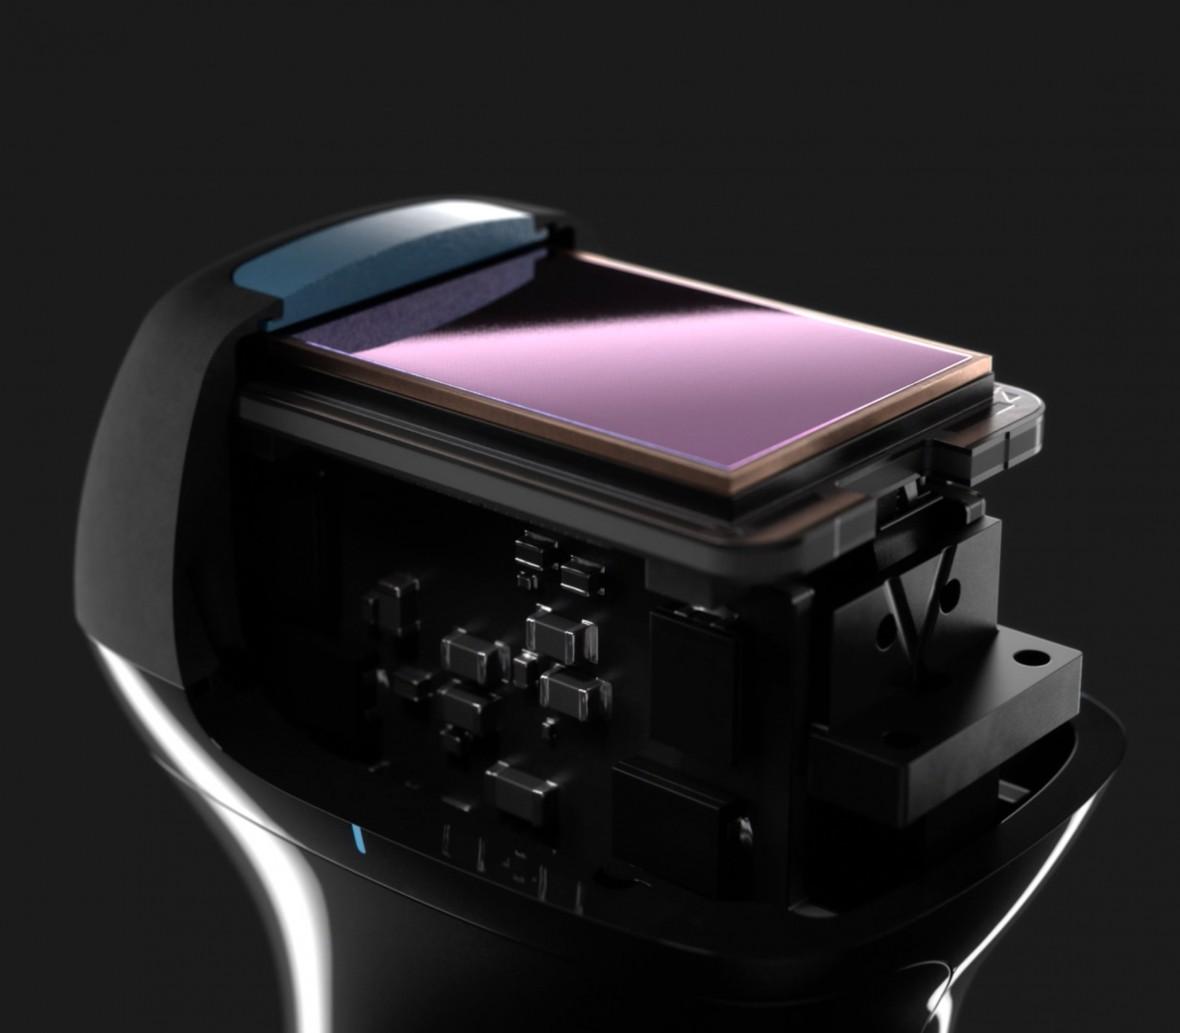 Ультразвуковые медицинские приборы становятся все более портативными и доступными - 1